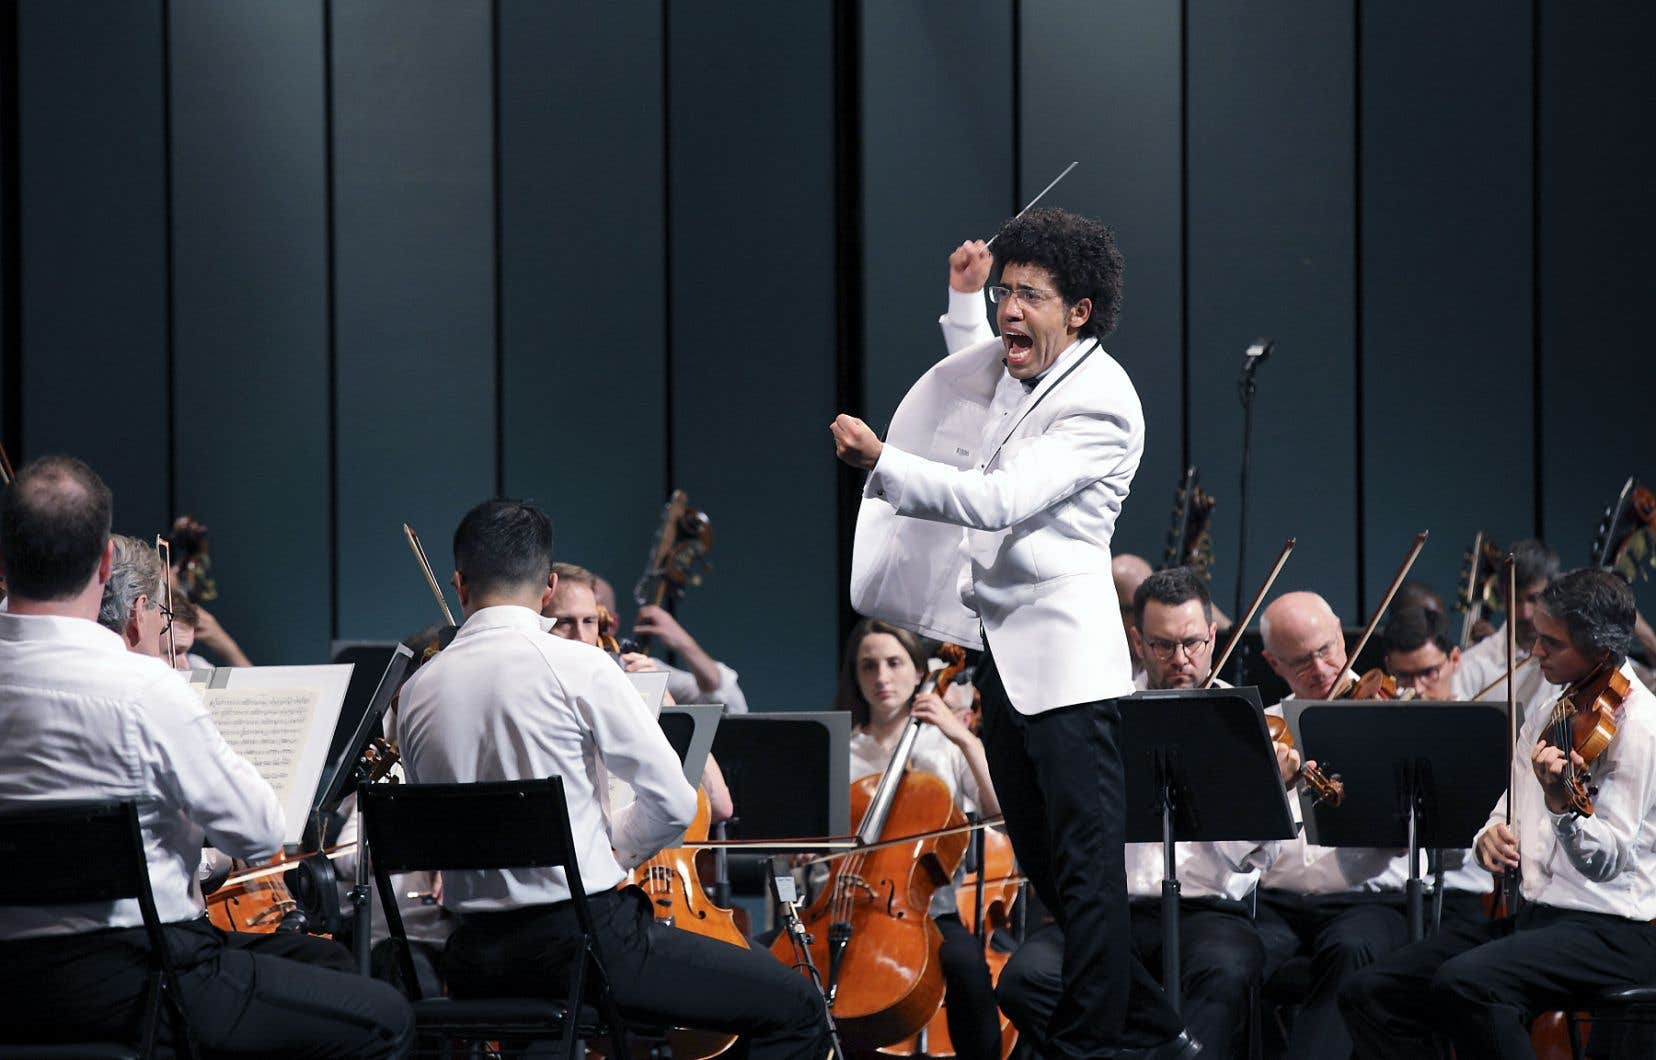 Le chef Rafael Payare a donné vie à la musique de l'orchestre grâce à une direction intense et impeccable.